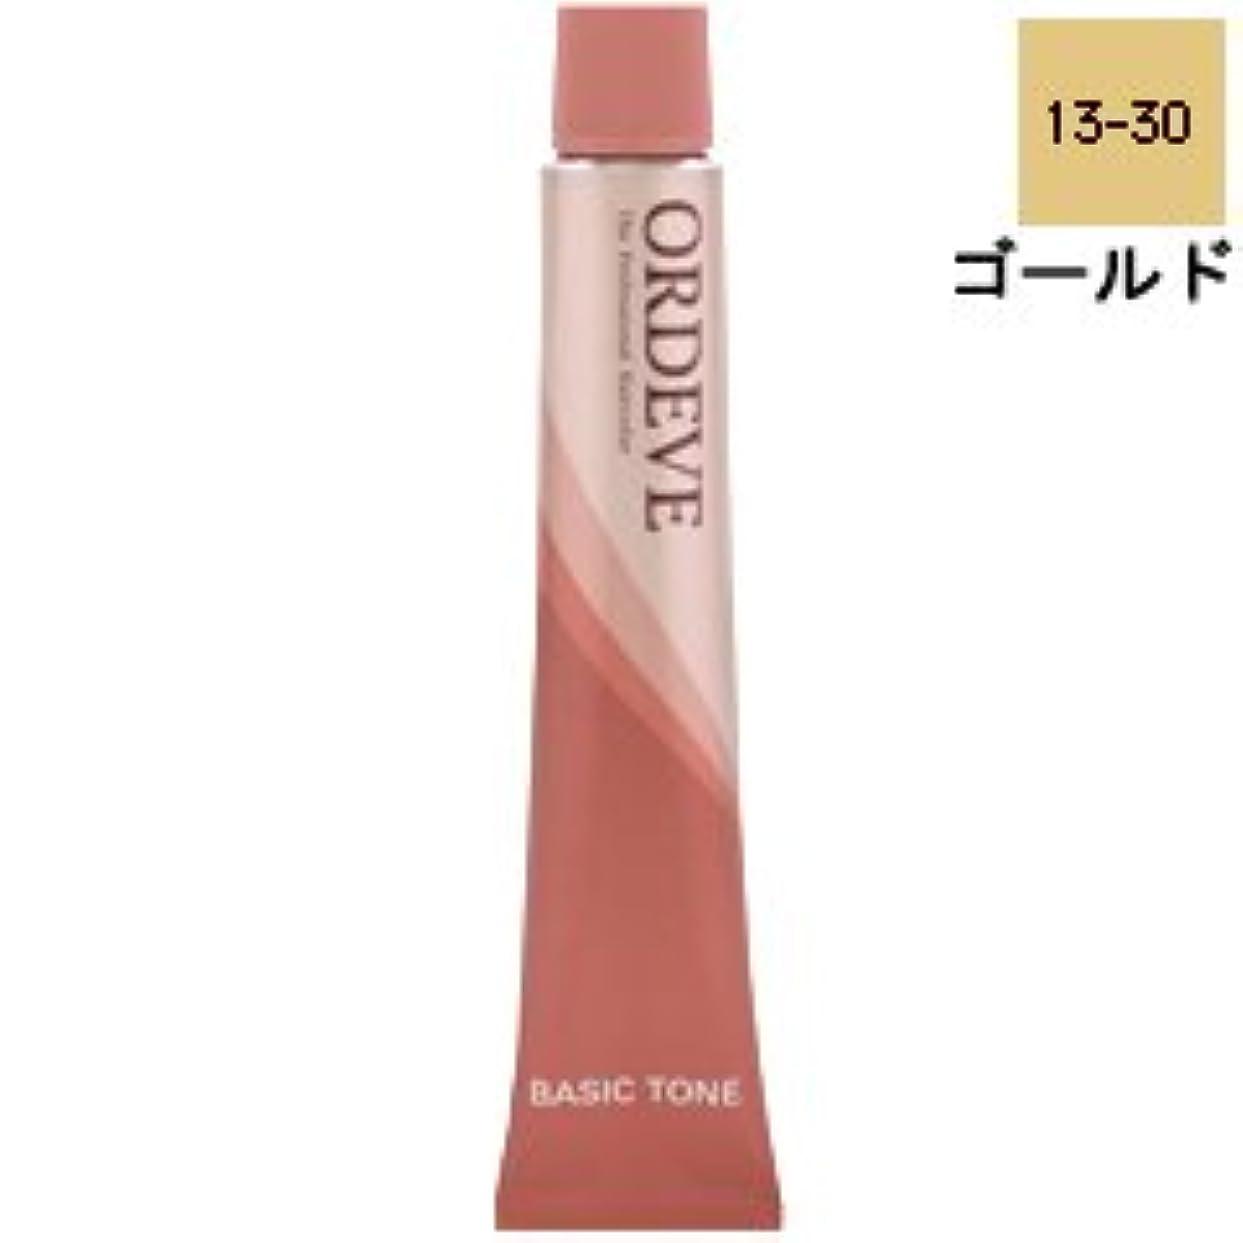 スポンサーデータム肺炎【ミルボン】オルディーブ ベーシックトーン #13-30 ゴールド 80g